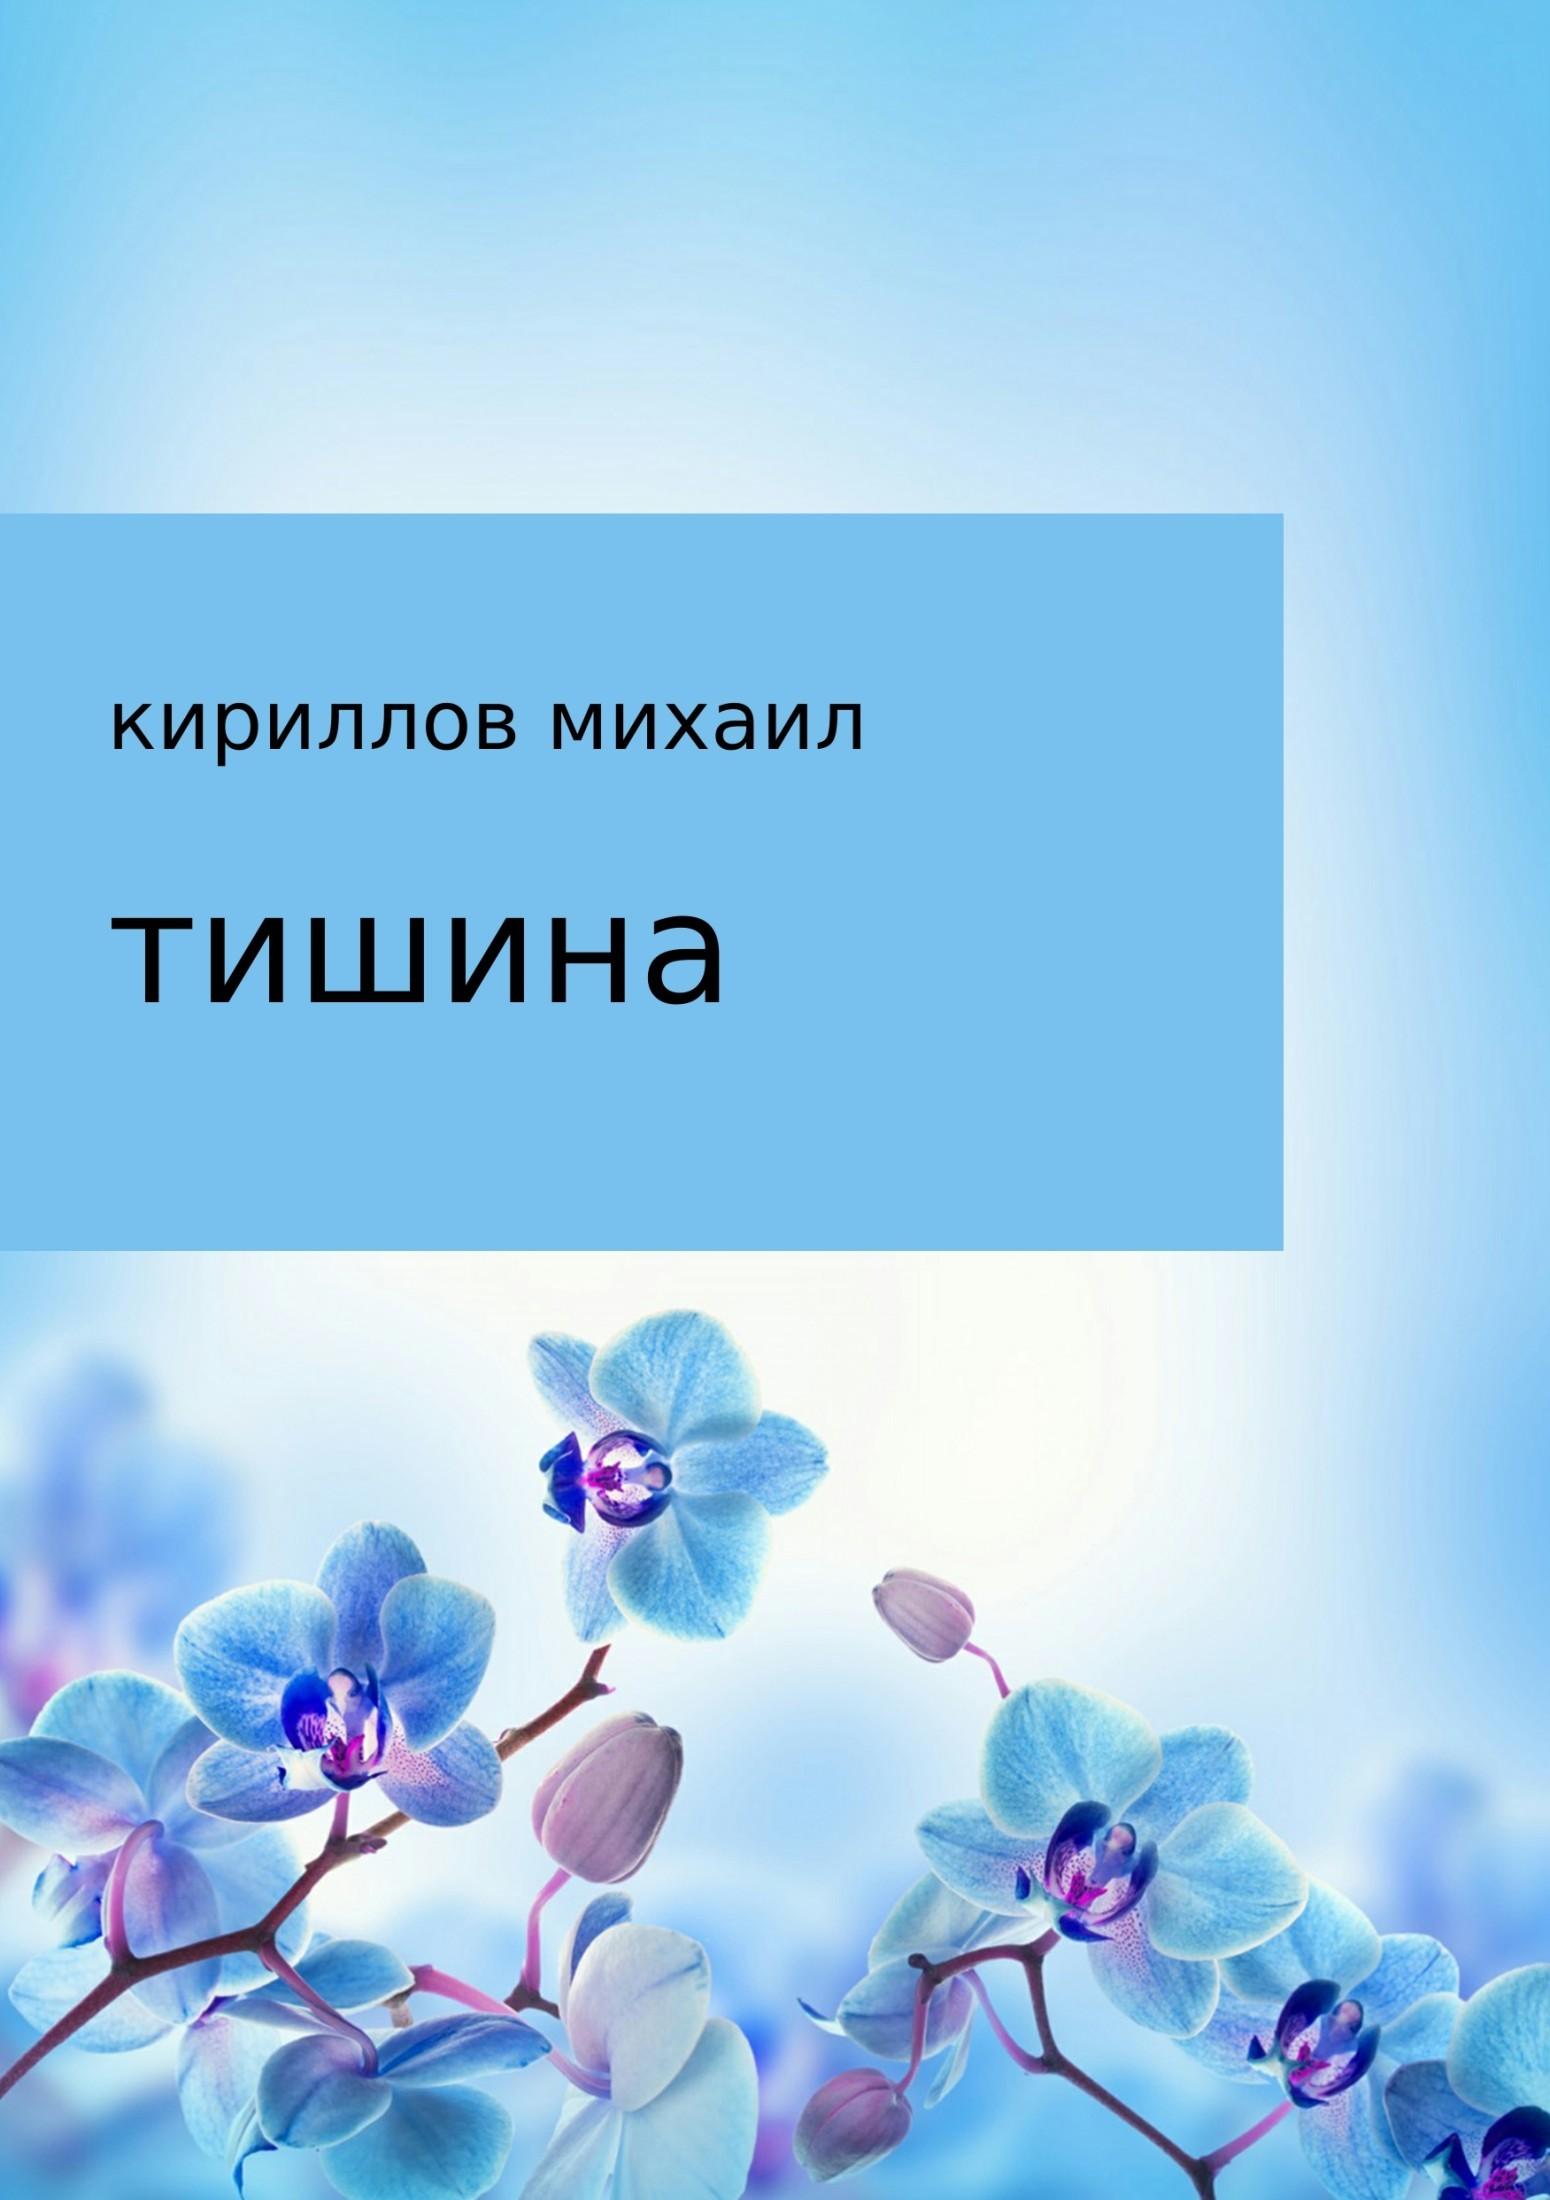 цена на михаил владимирович кириллов Тишина